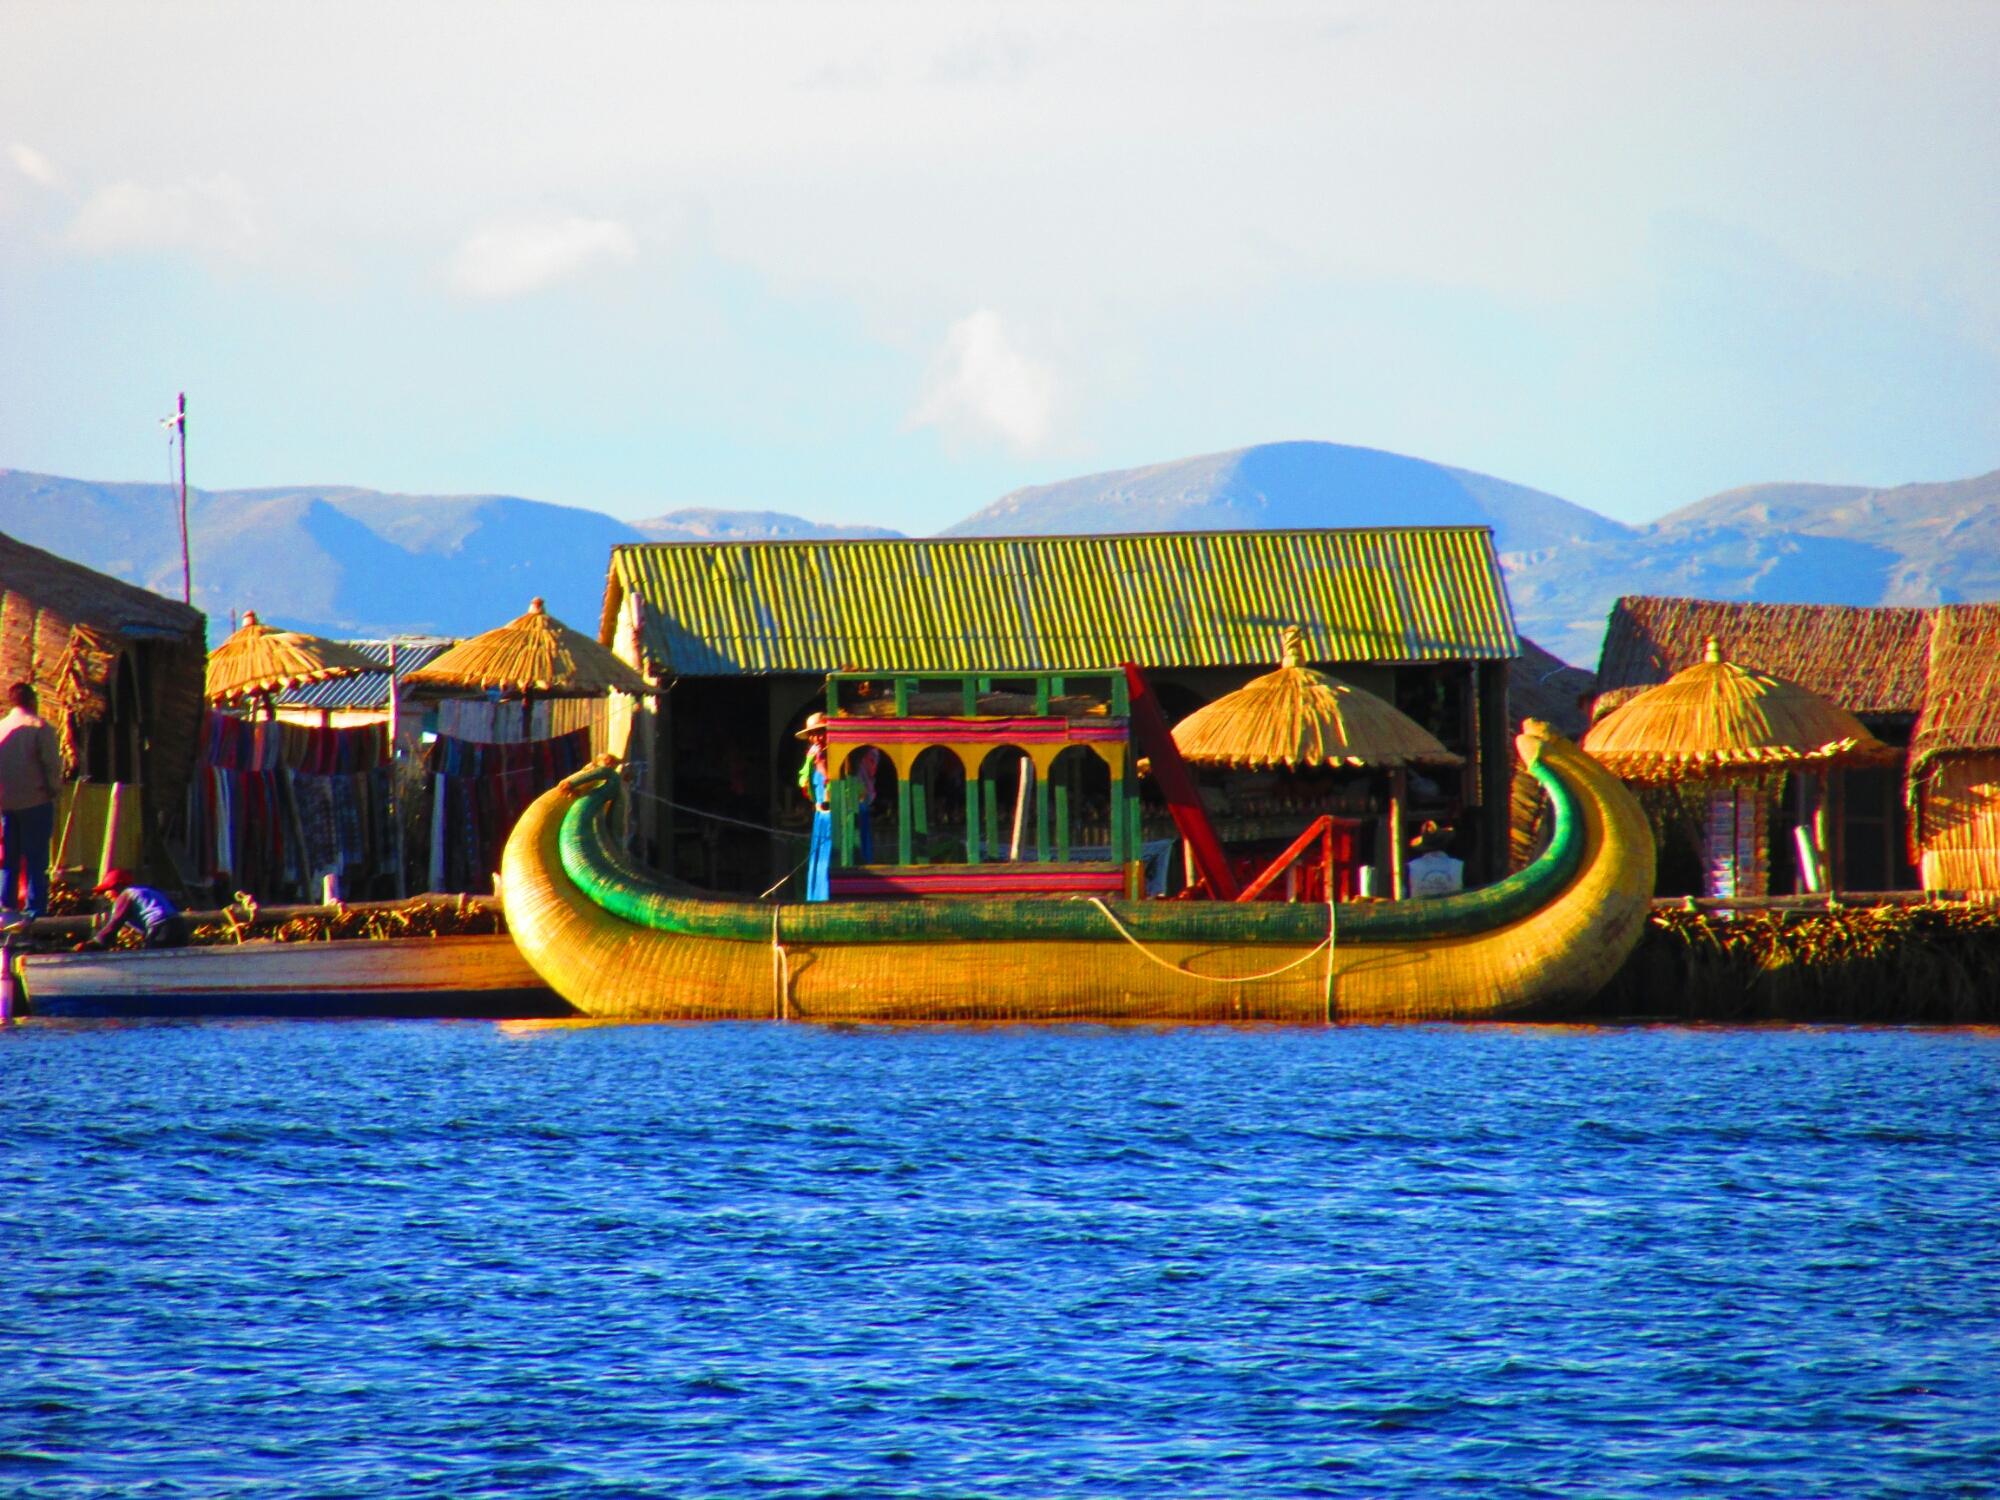 balsa hecha de totora en islas Uros en el lago Titicaca